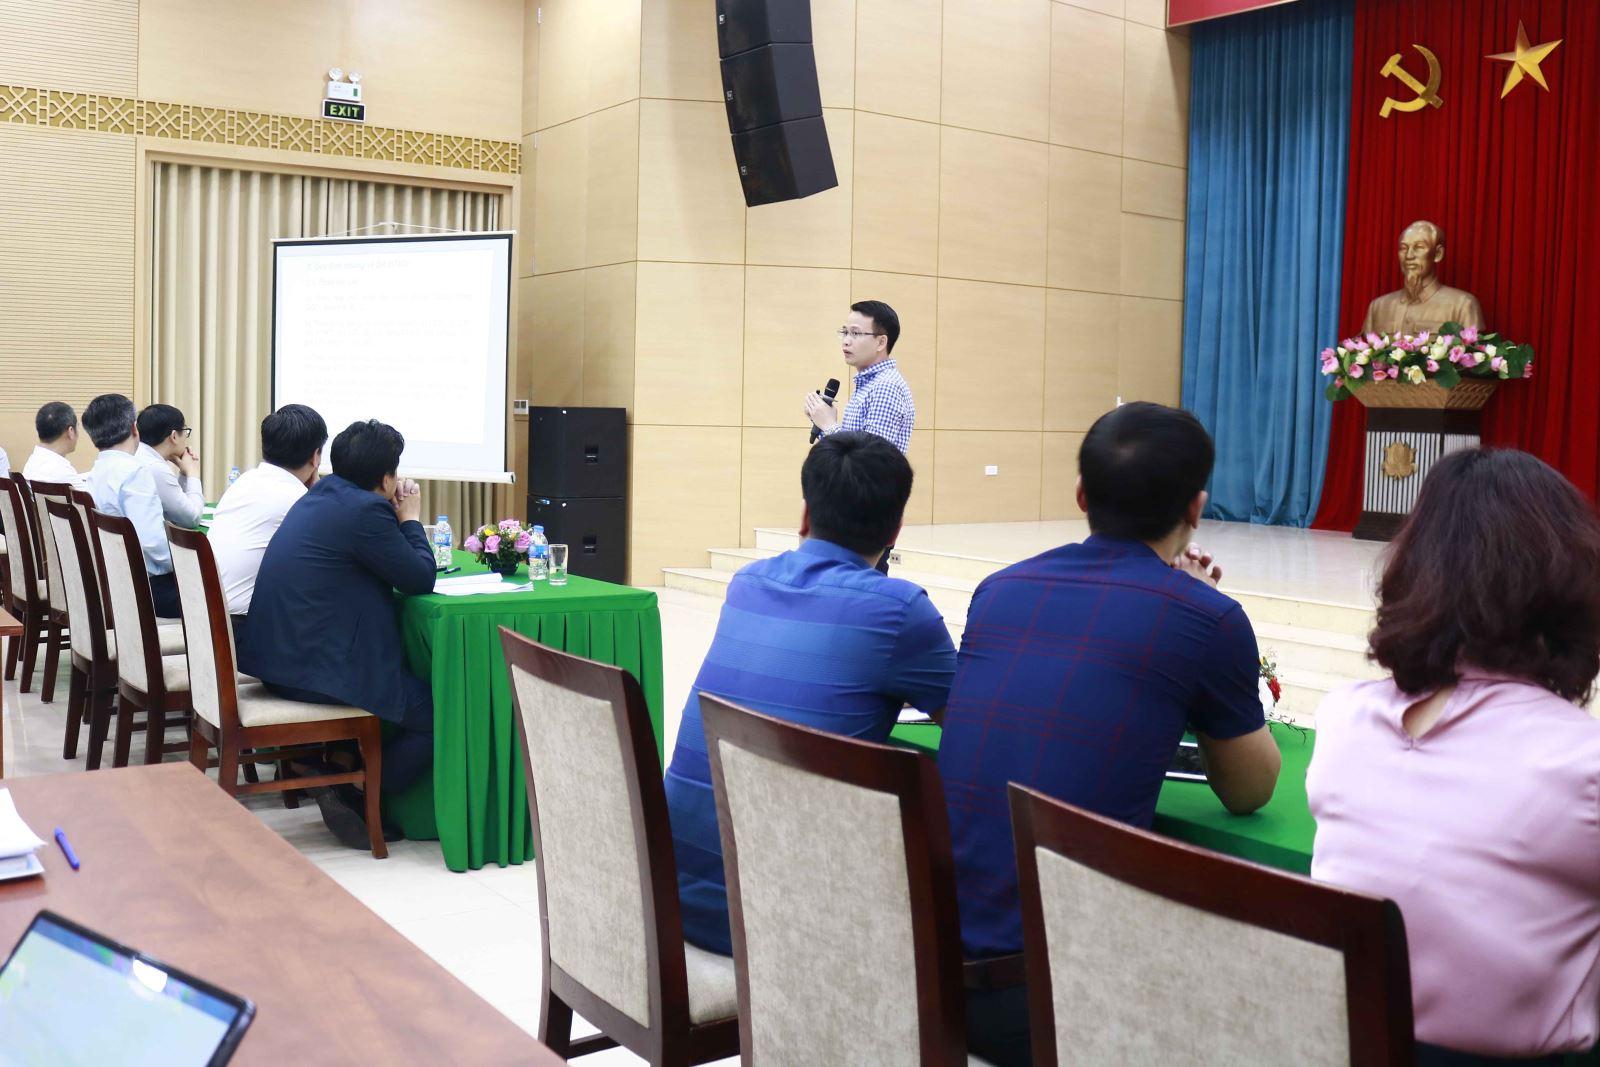 Phó Cục trưởng Cục Quản lý Hoạt động xây dựng Bùi Văn Dưỡng giới thiệu các nội dung cơ bản của Nghị định 15/2021/NĐ-CP tại hội nghị